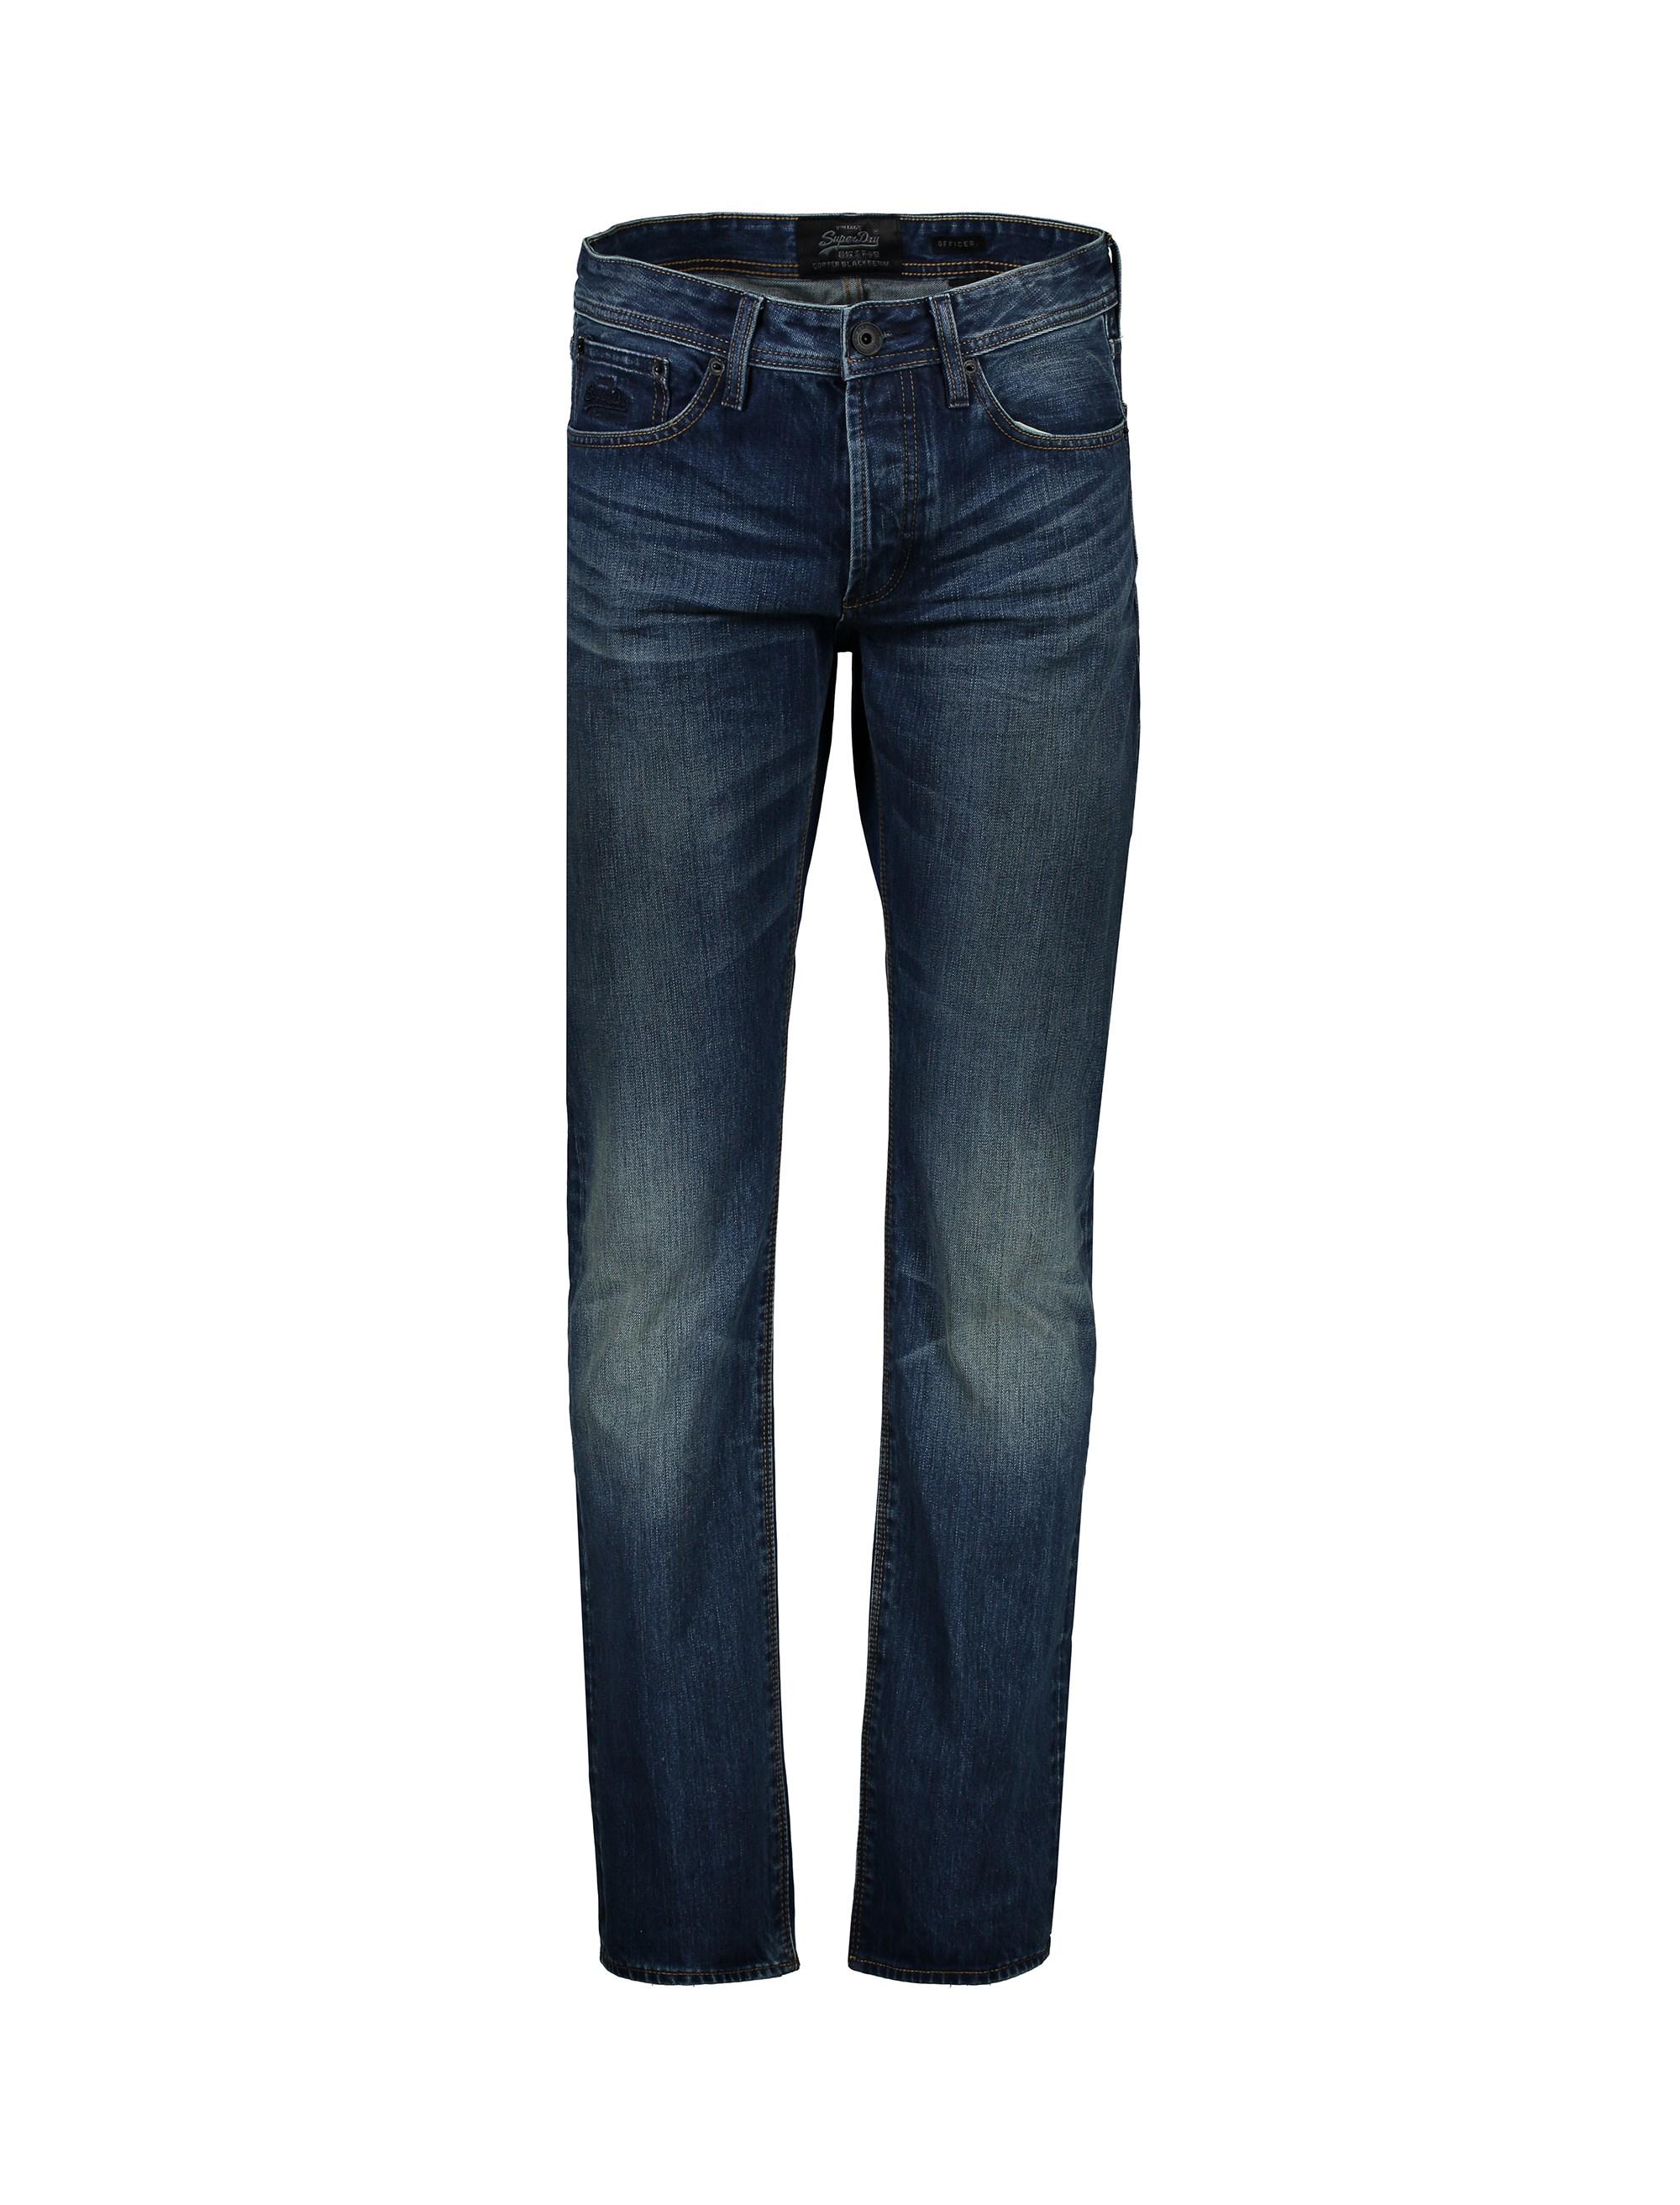 شلوار جین راسته مردانه - سوپردرای - آبي - 1